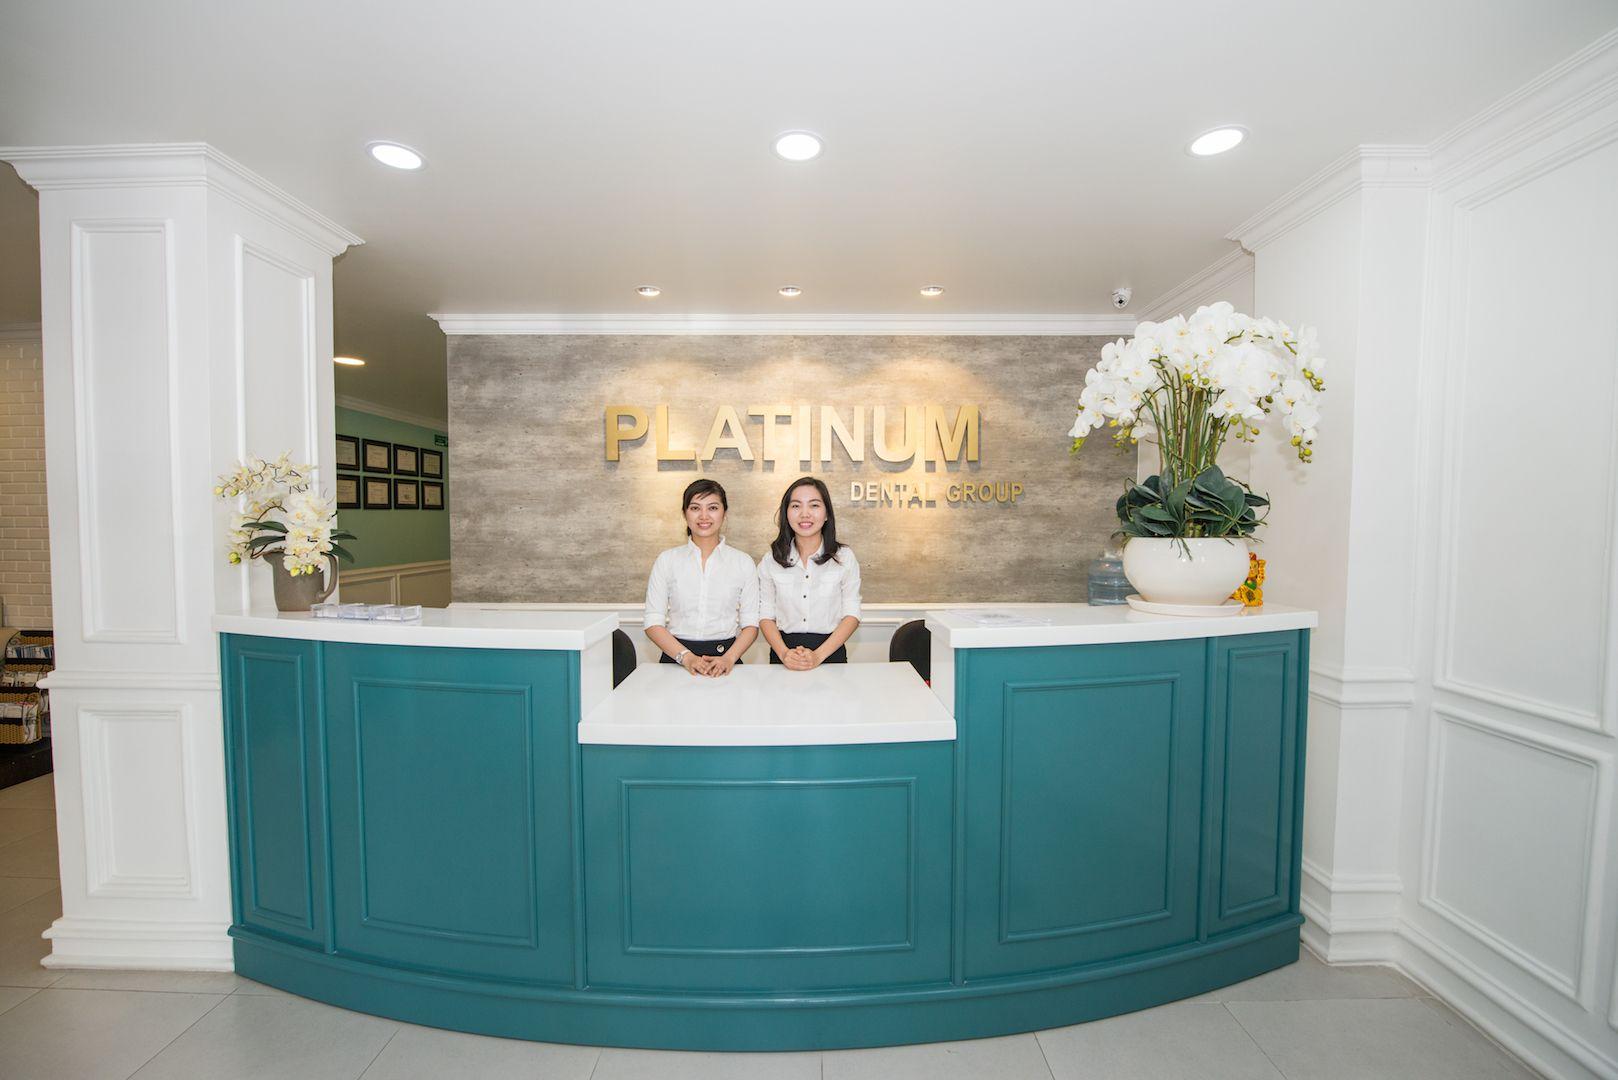 Platinum Dental Group - Vietnam | Vietnam Clinics | Pinterest ...